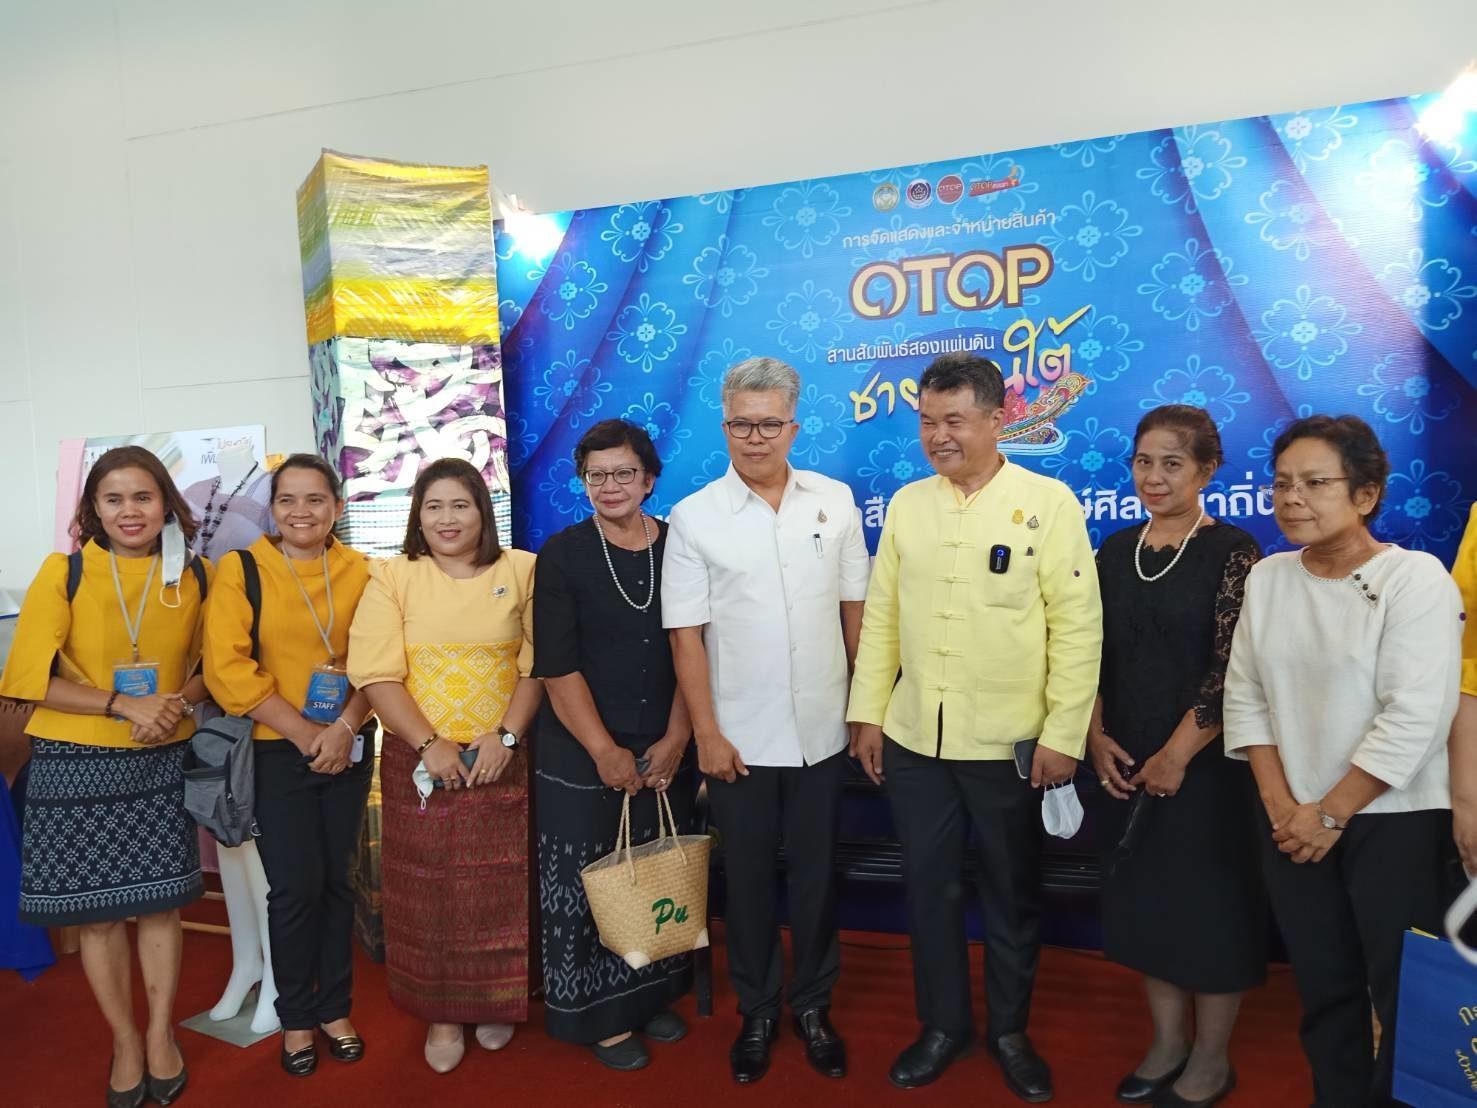 'พช.' ปลื้ม 'OTOP Thai to Songkhla' ยอดพุ่งกว่า 83 ล้านบ. กระตุ้นศก.ฐานราก